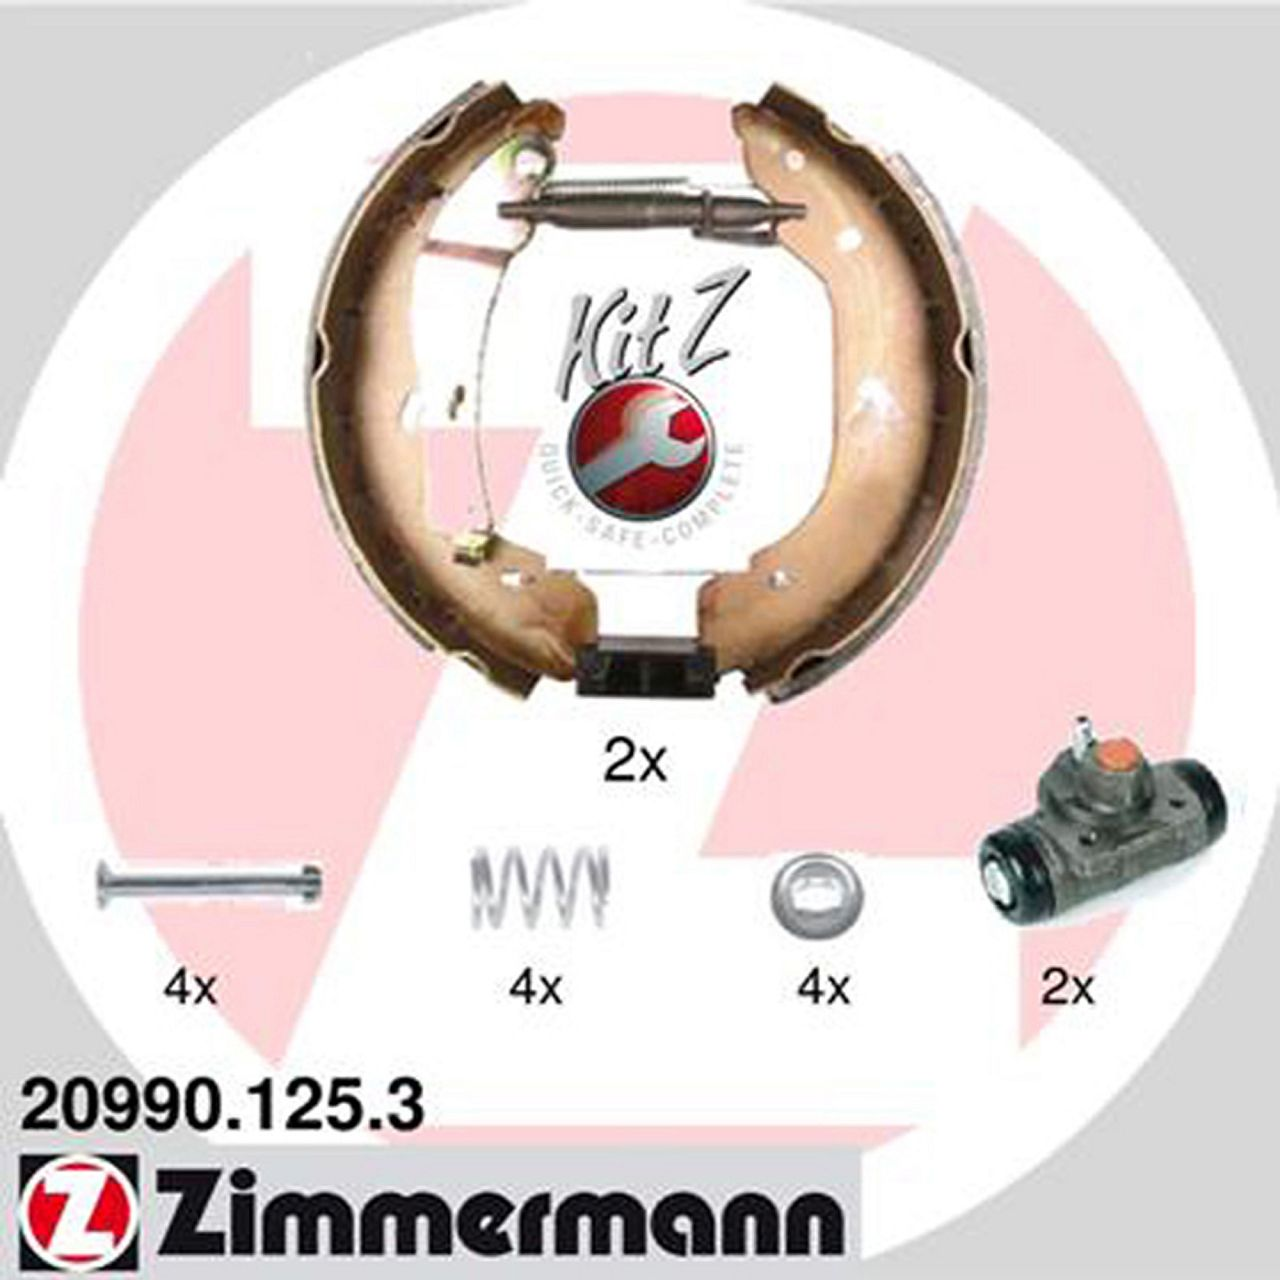 ZIMMERMANN Bremsbacken + Radbremszylinder Satz für Ford Transit 01.2000-05.2006